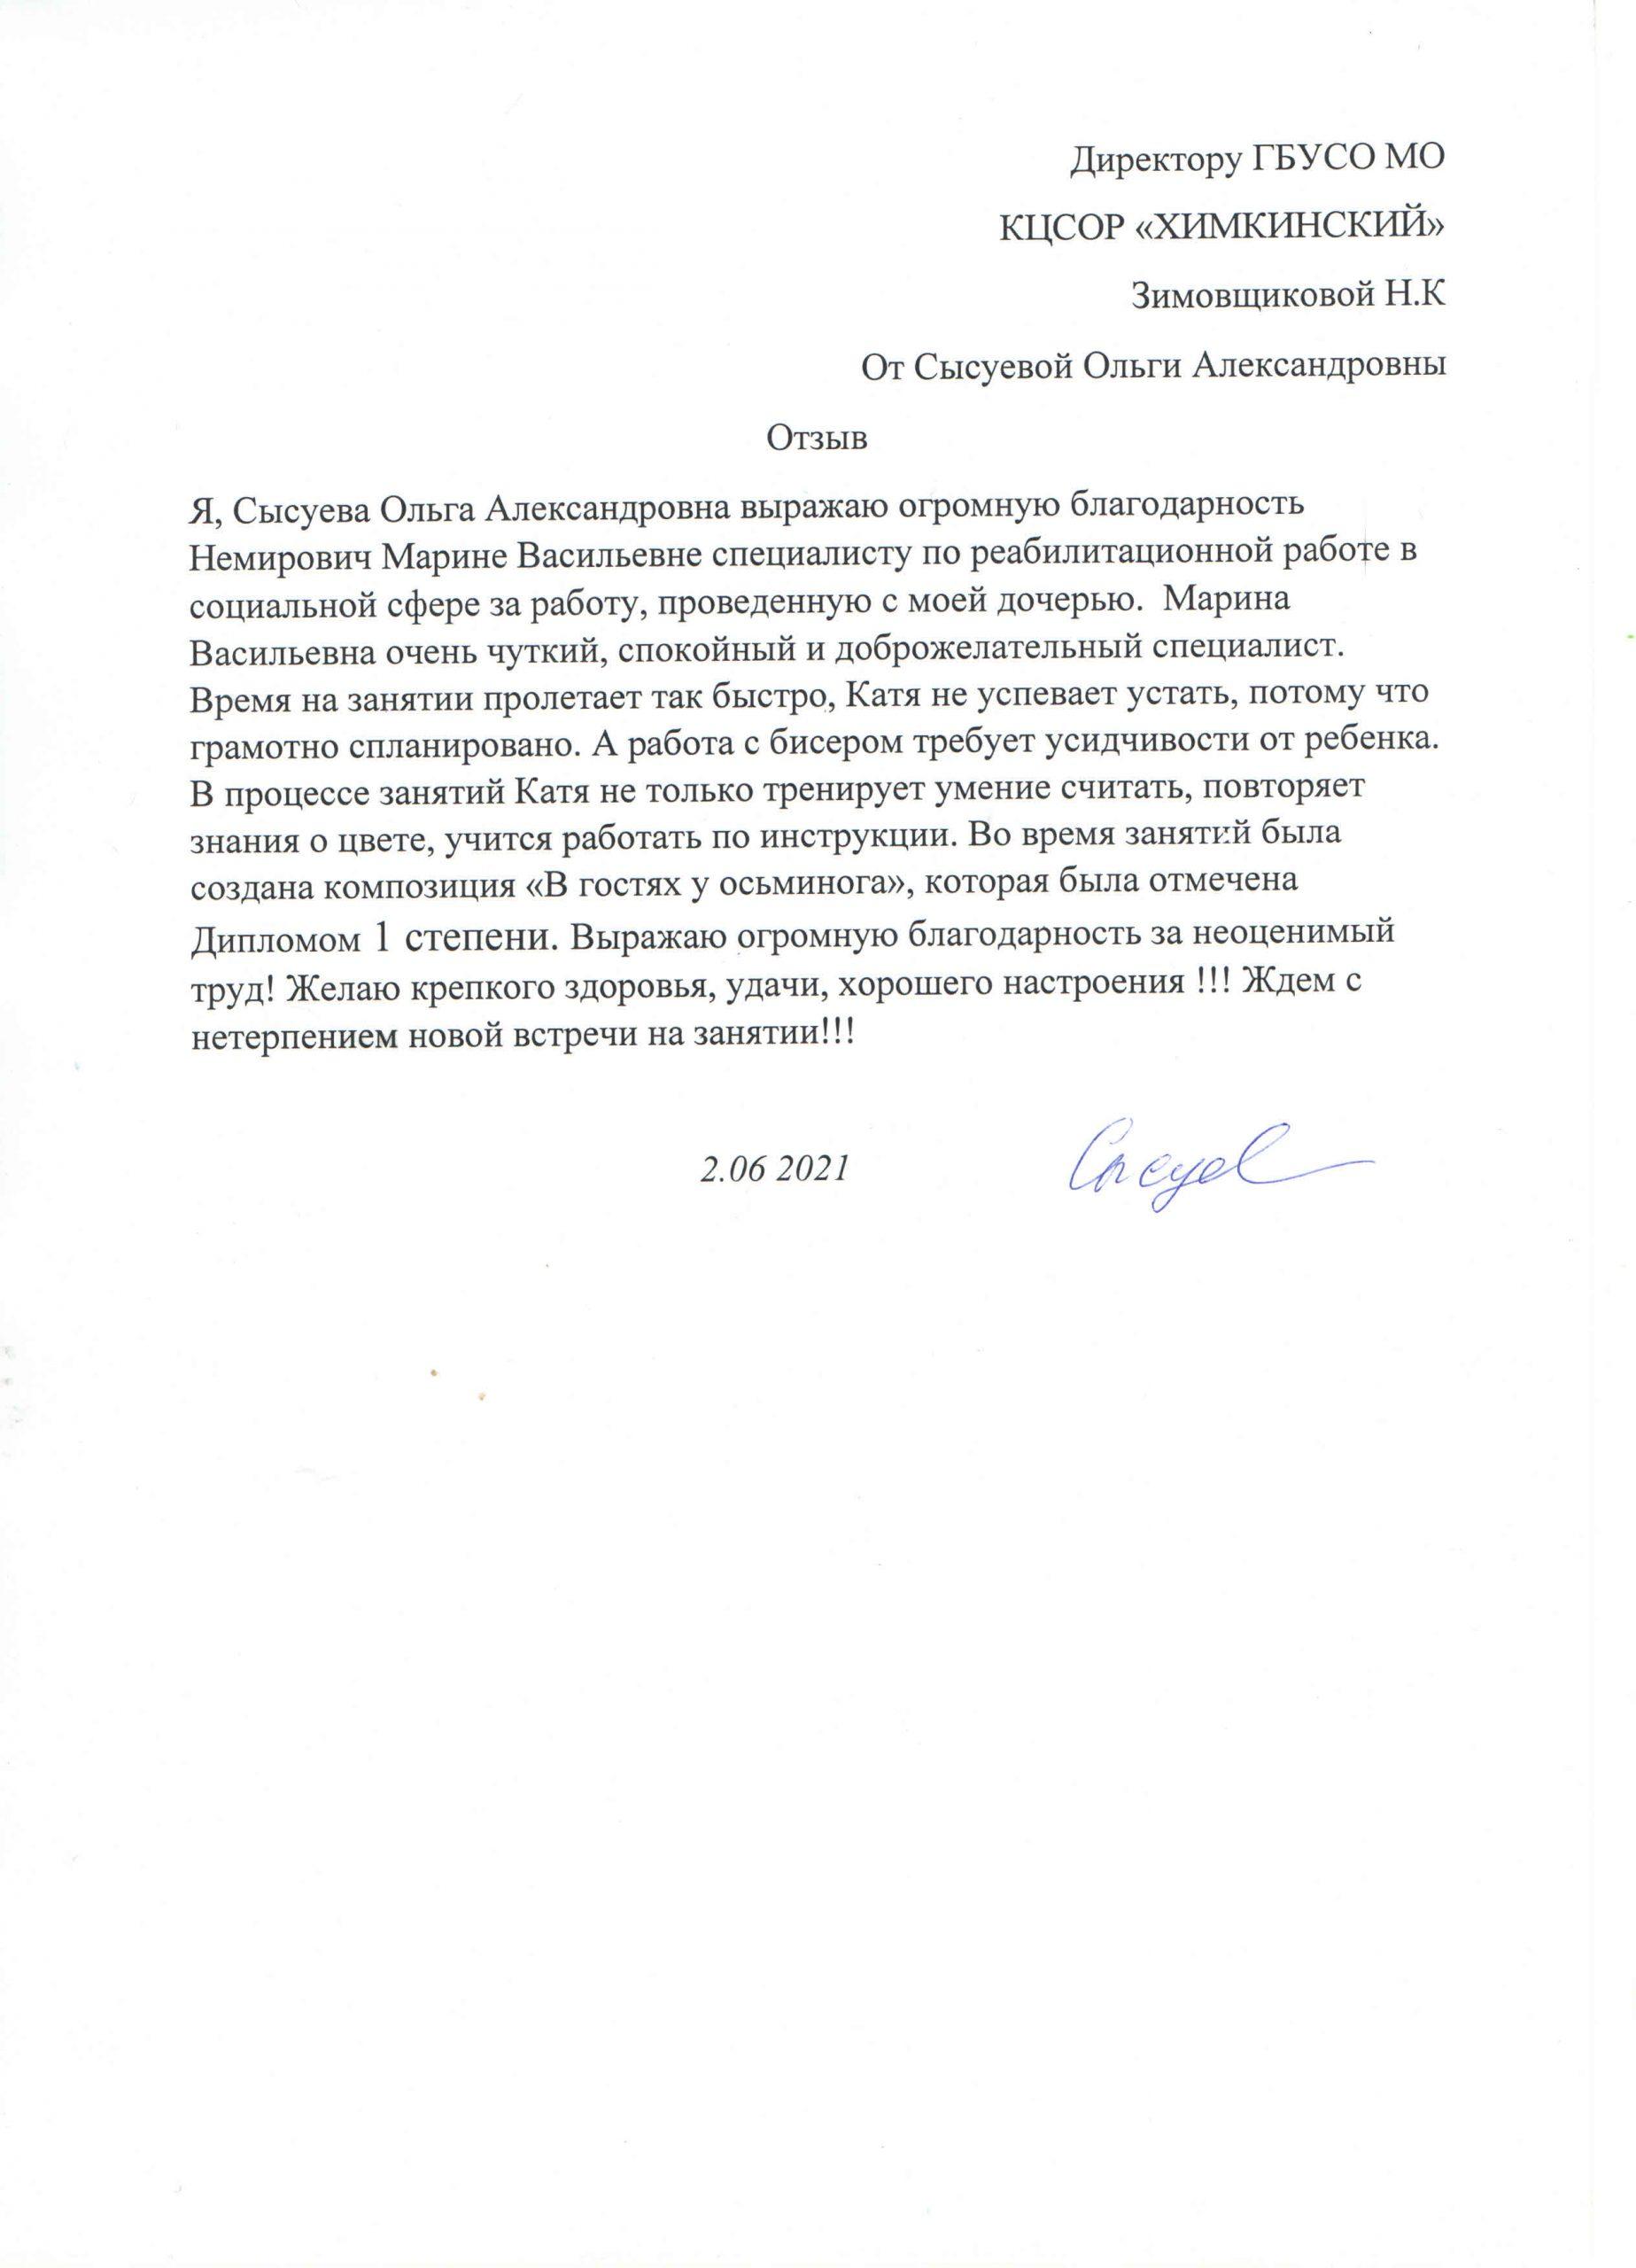 Немирович 02.06.2021